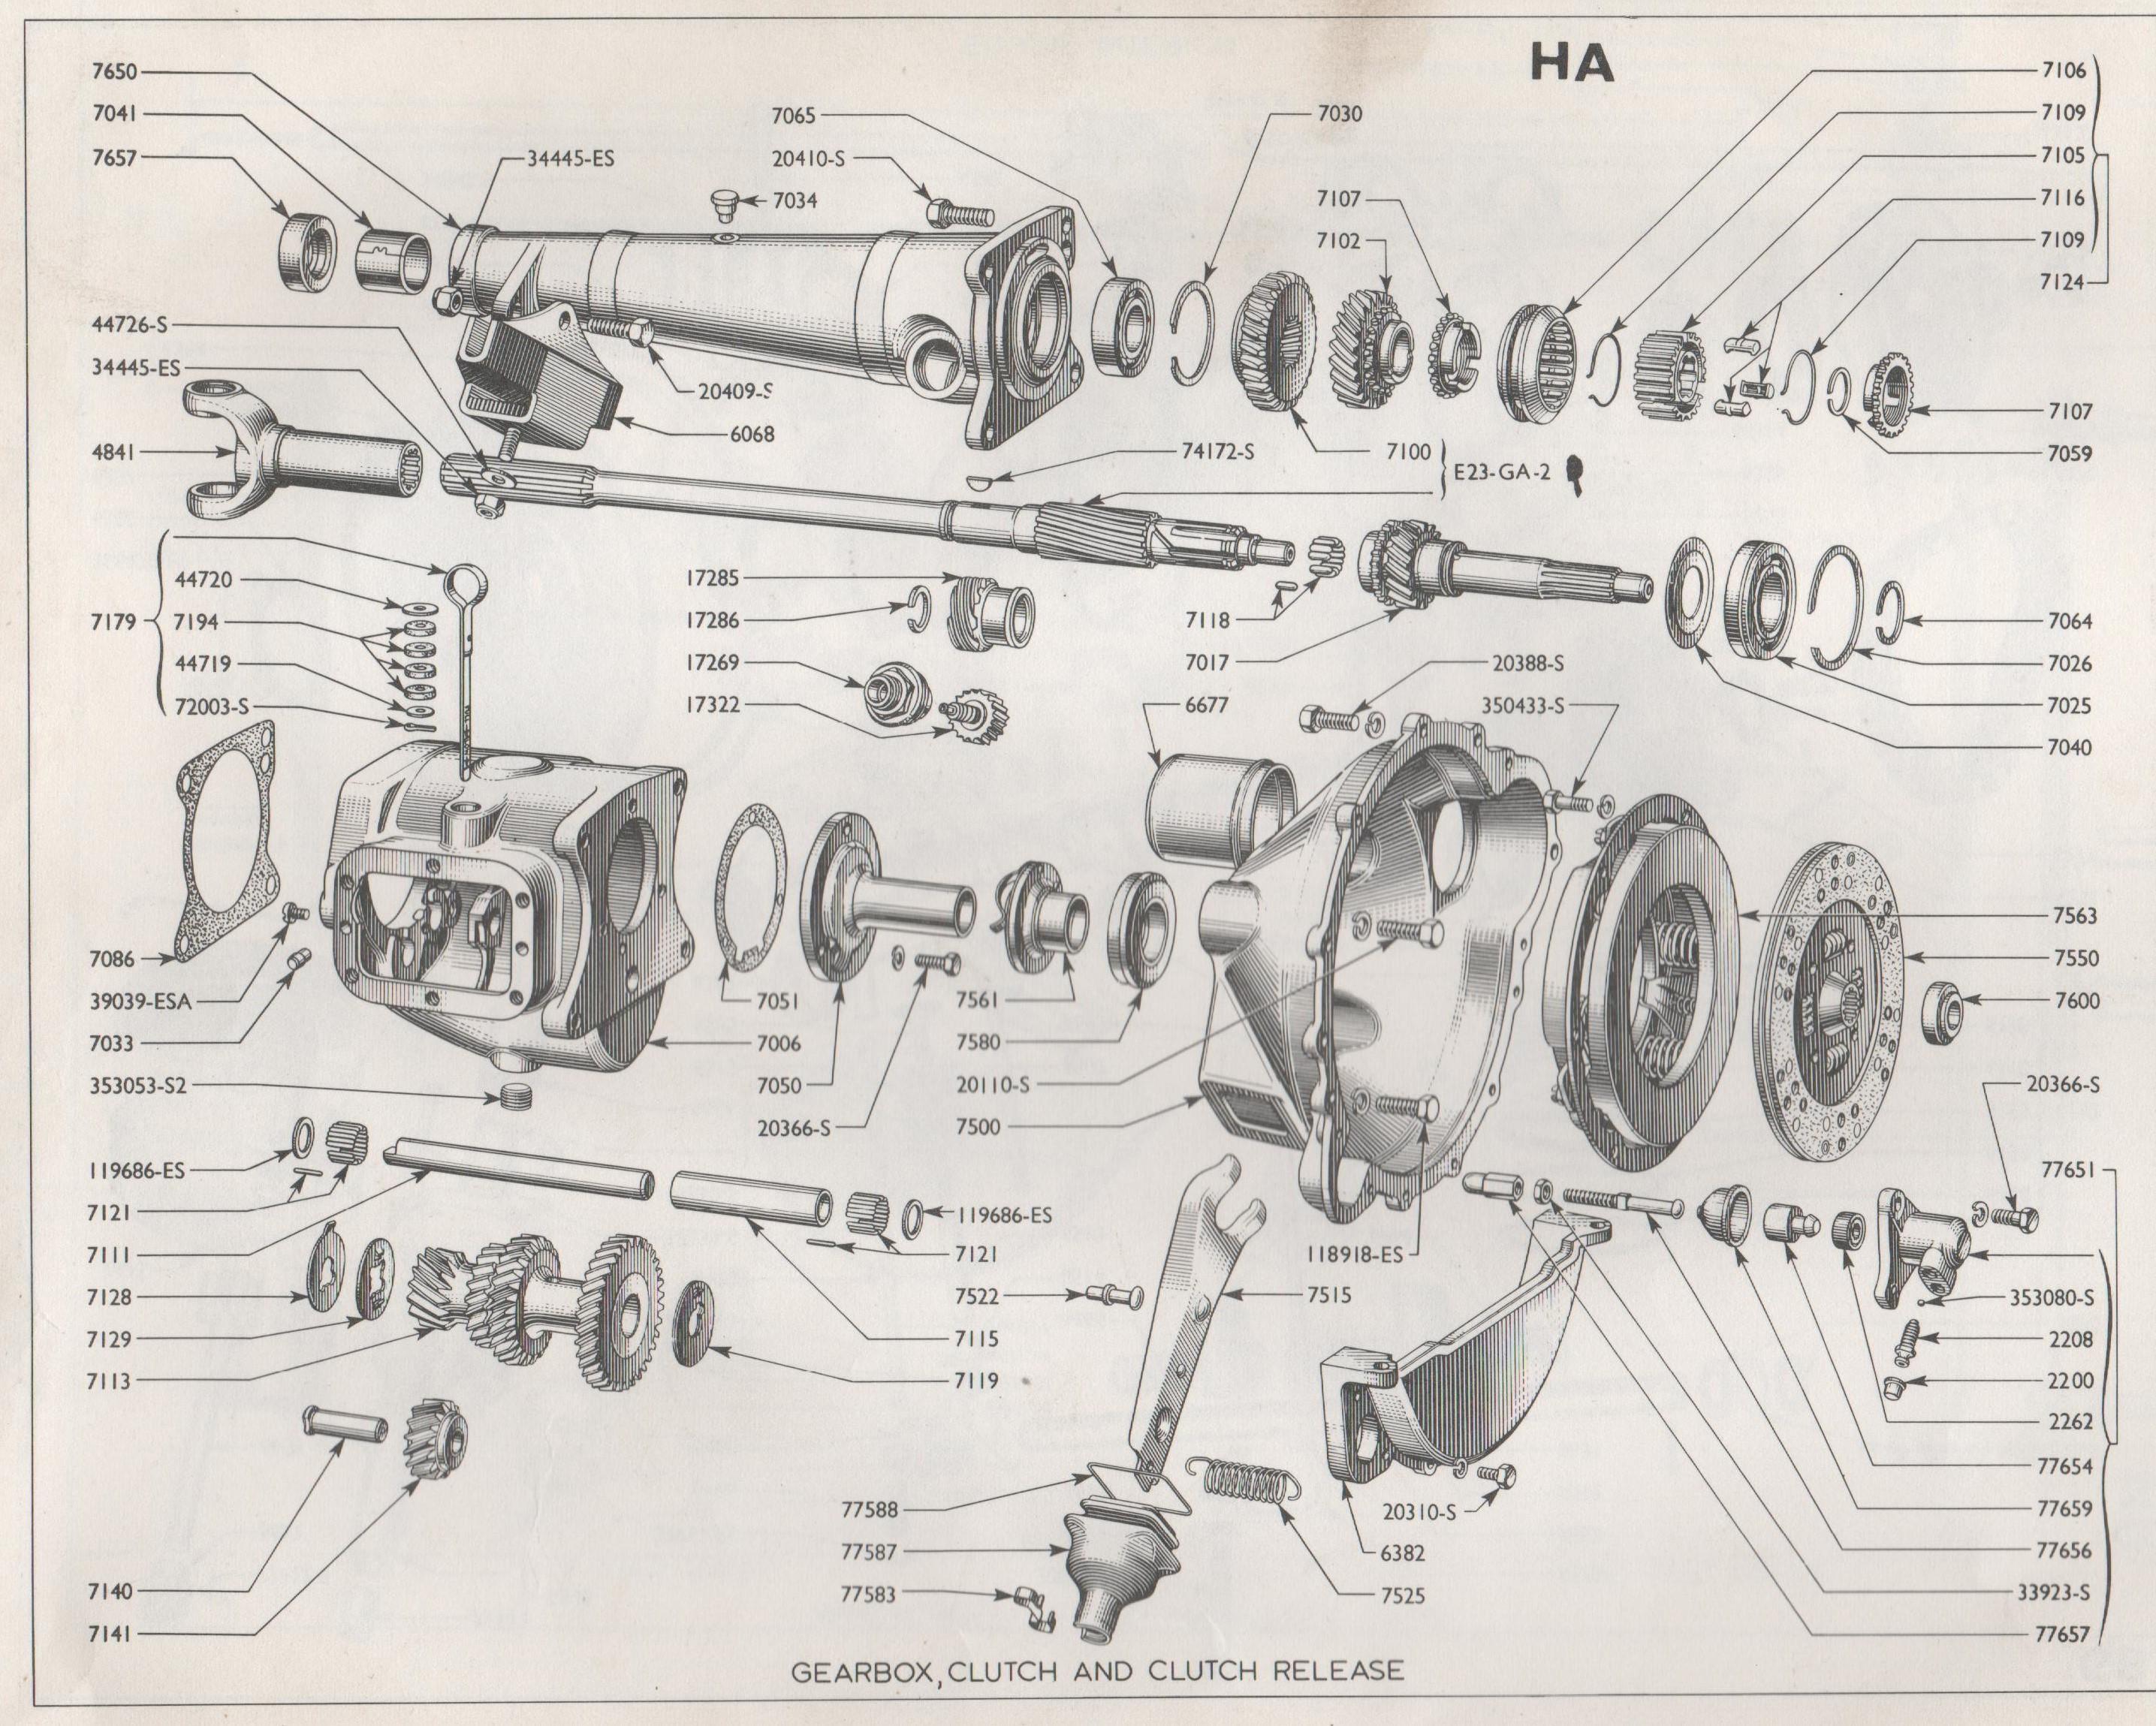 543 Gearbox Clutch Consul Zephyr Zodiac 1951 To 1956 Mk1